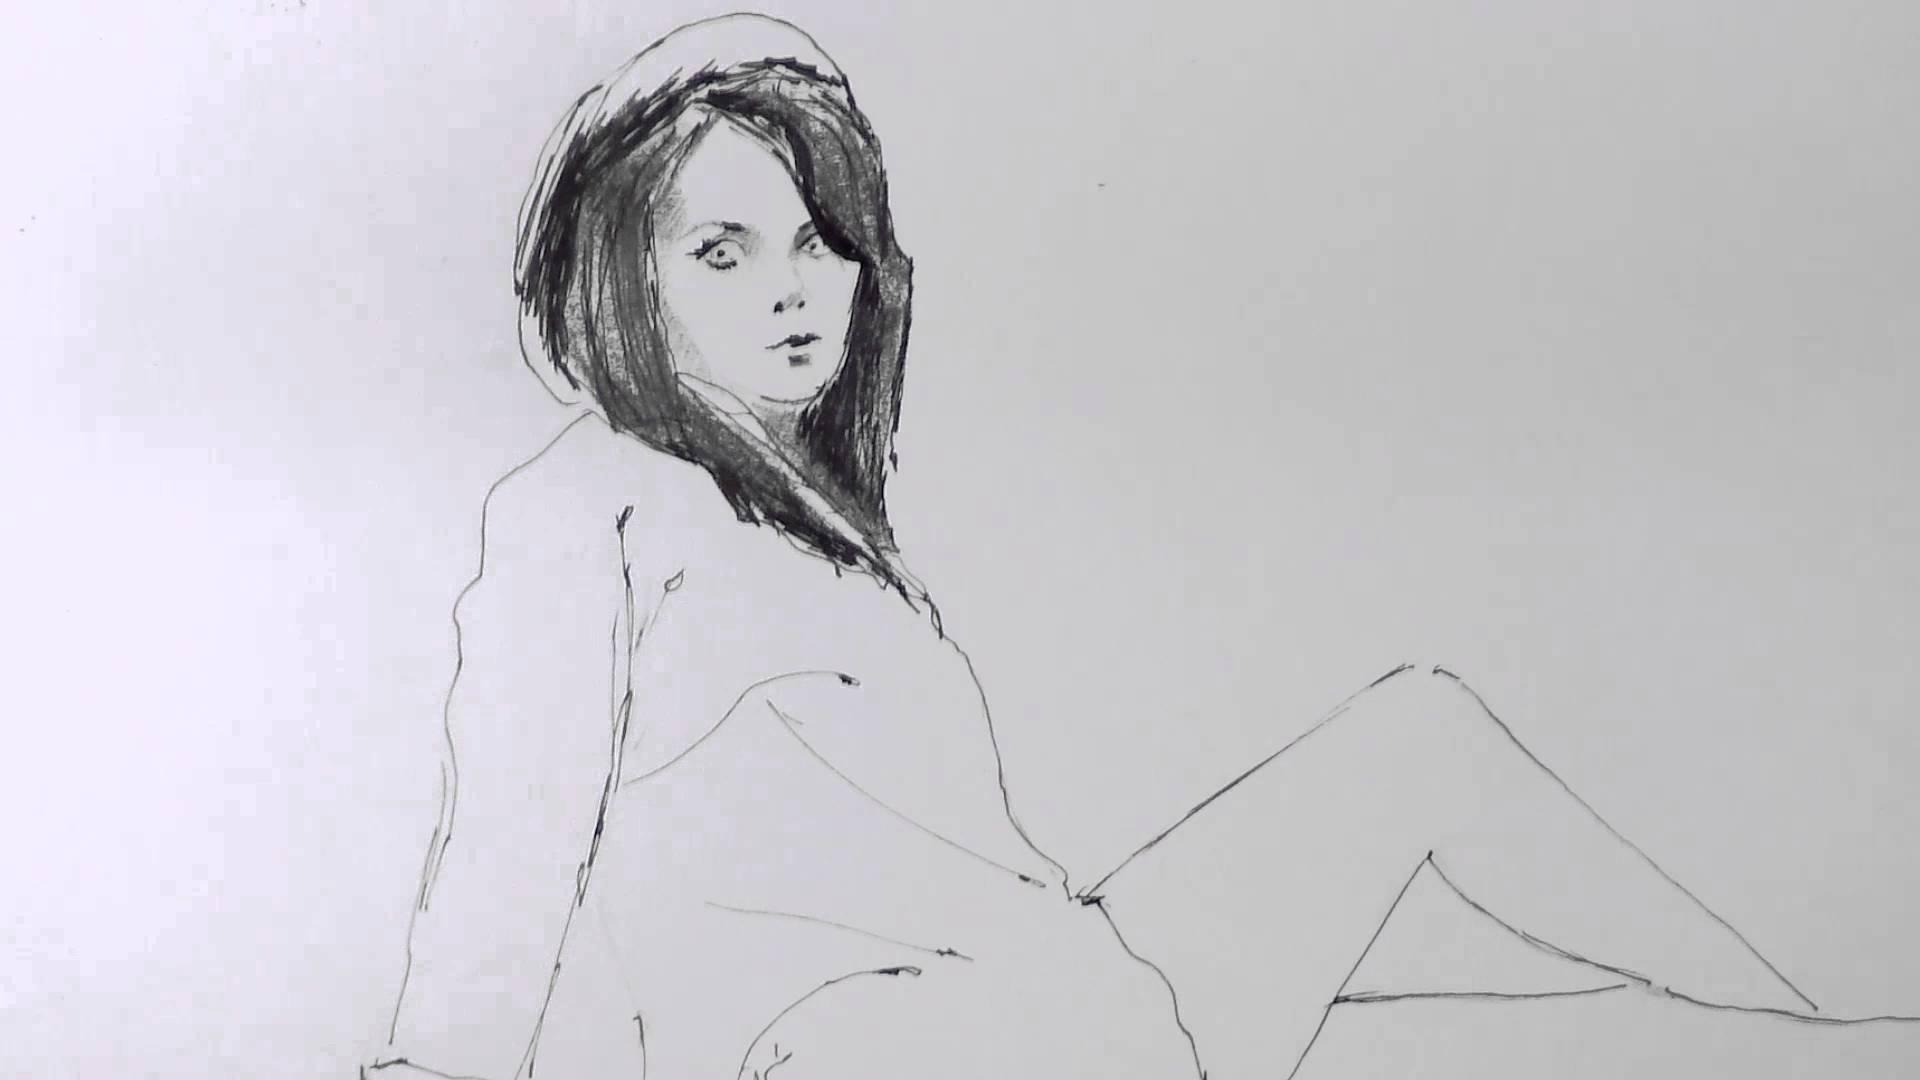 1920x1080 Tumblr Cute Girl Drawing